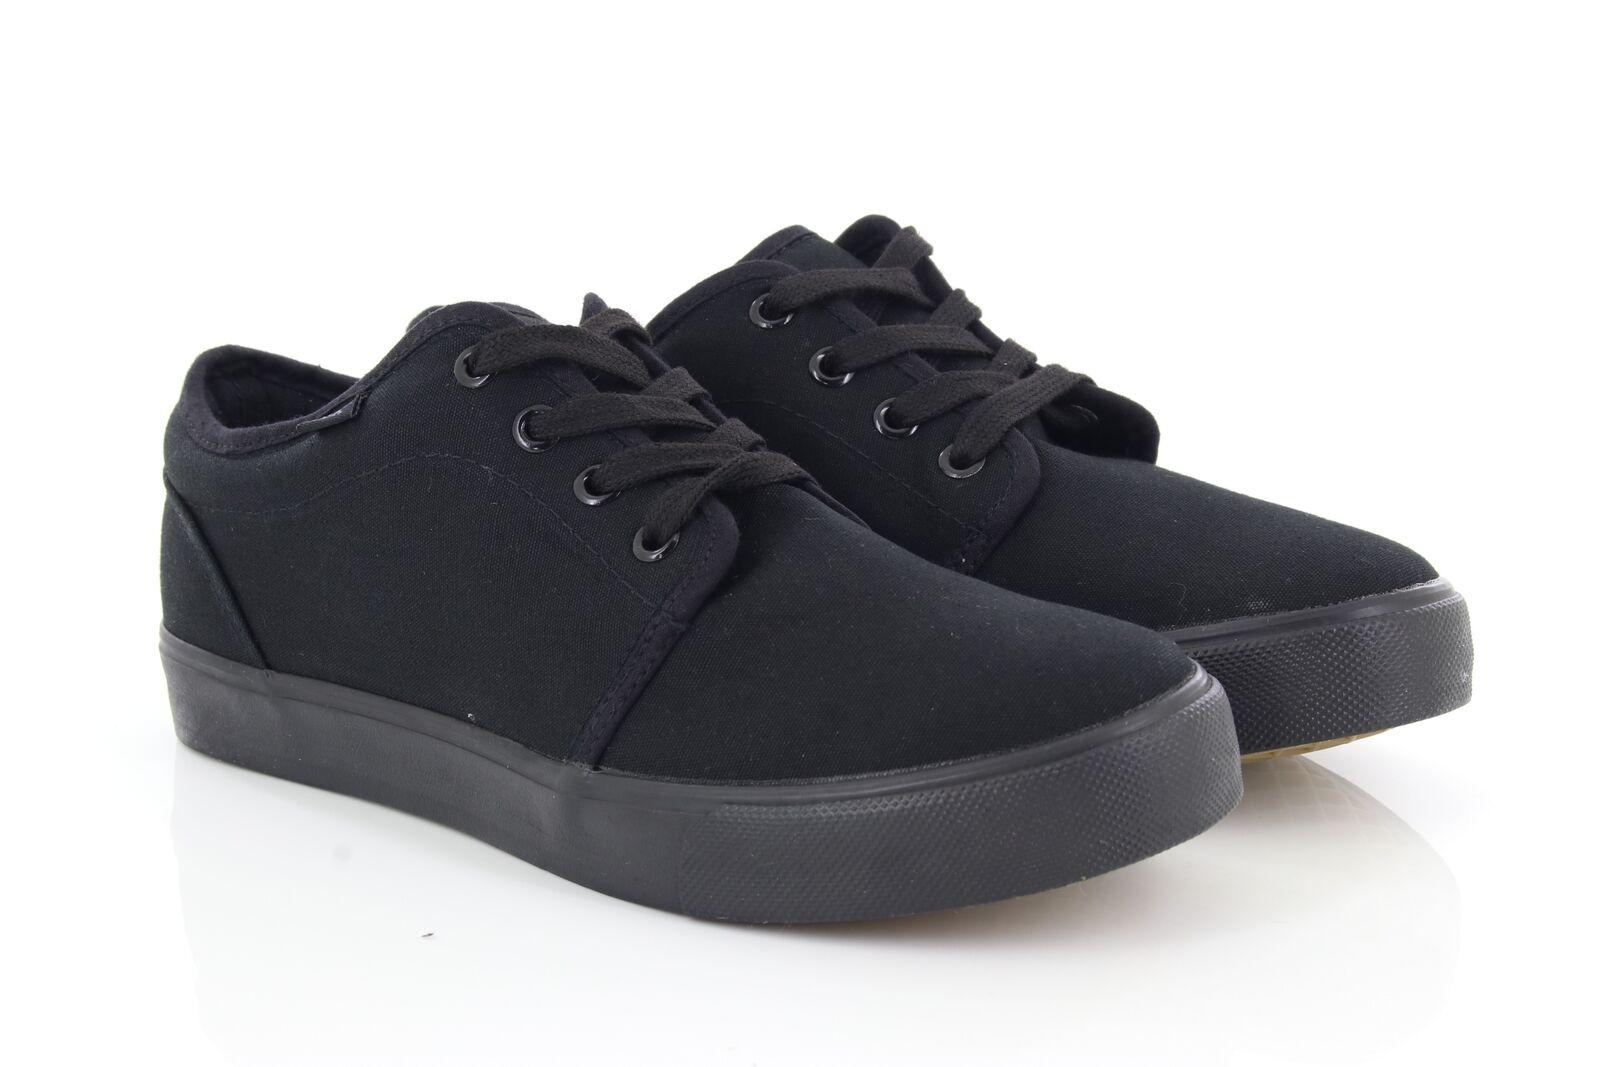 Dek Ted Entièrement Noires 4 Oeil Pont Lacet Chaussures D'Été en Toile